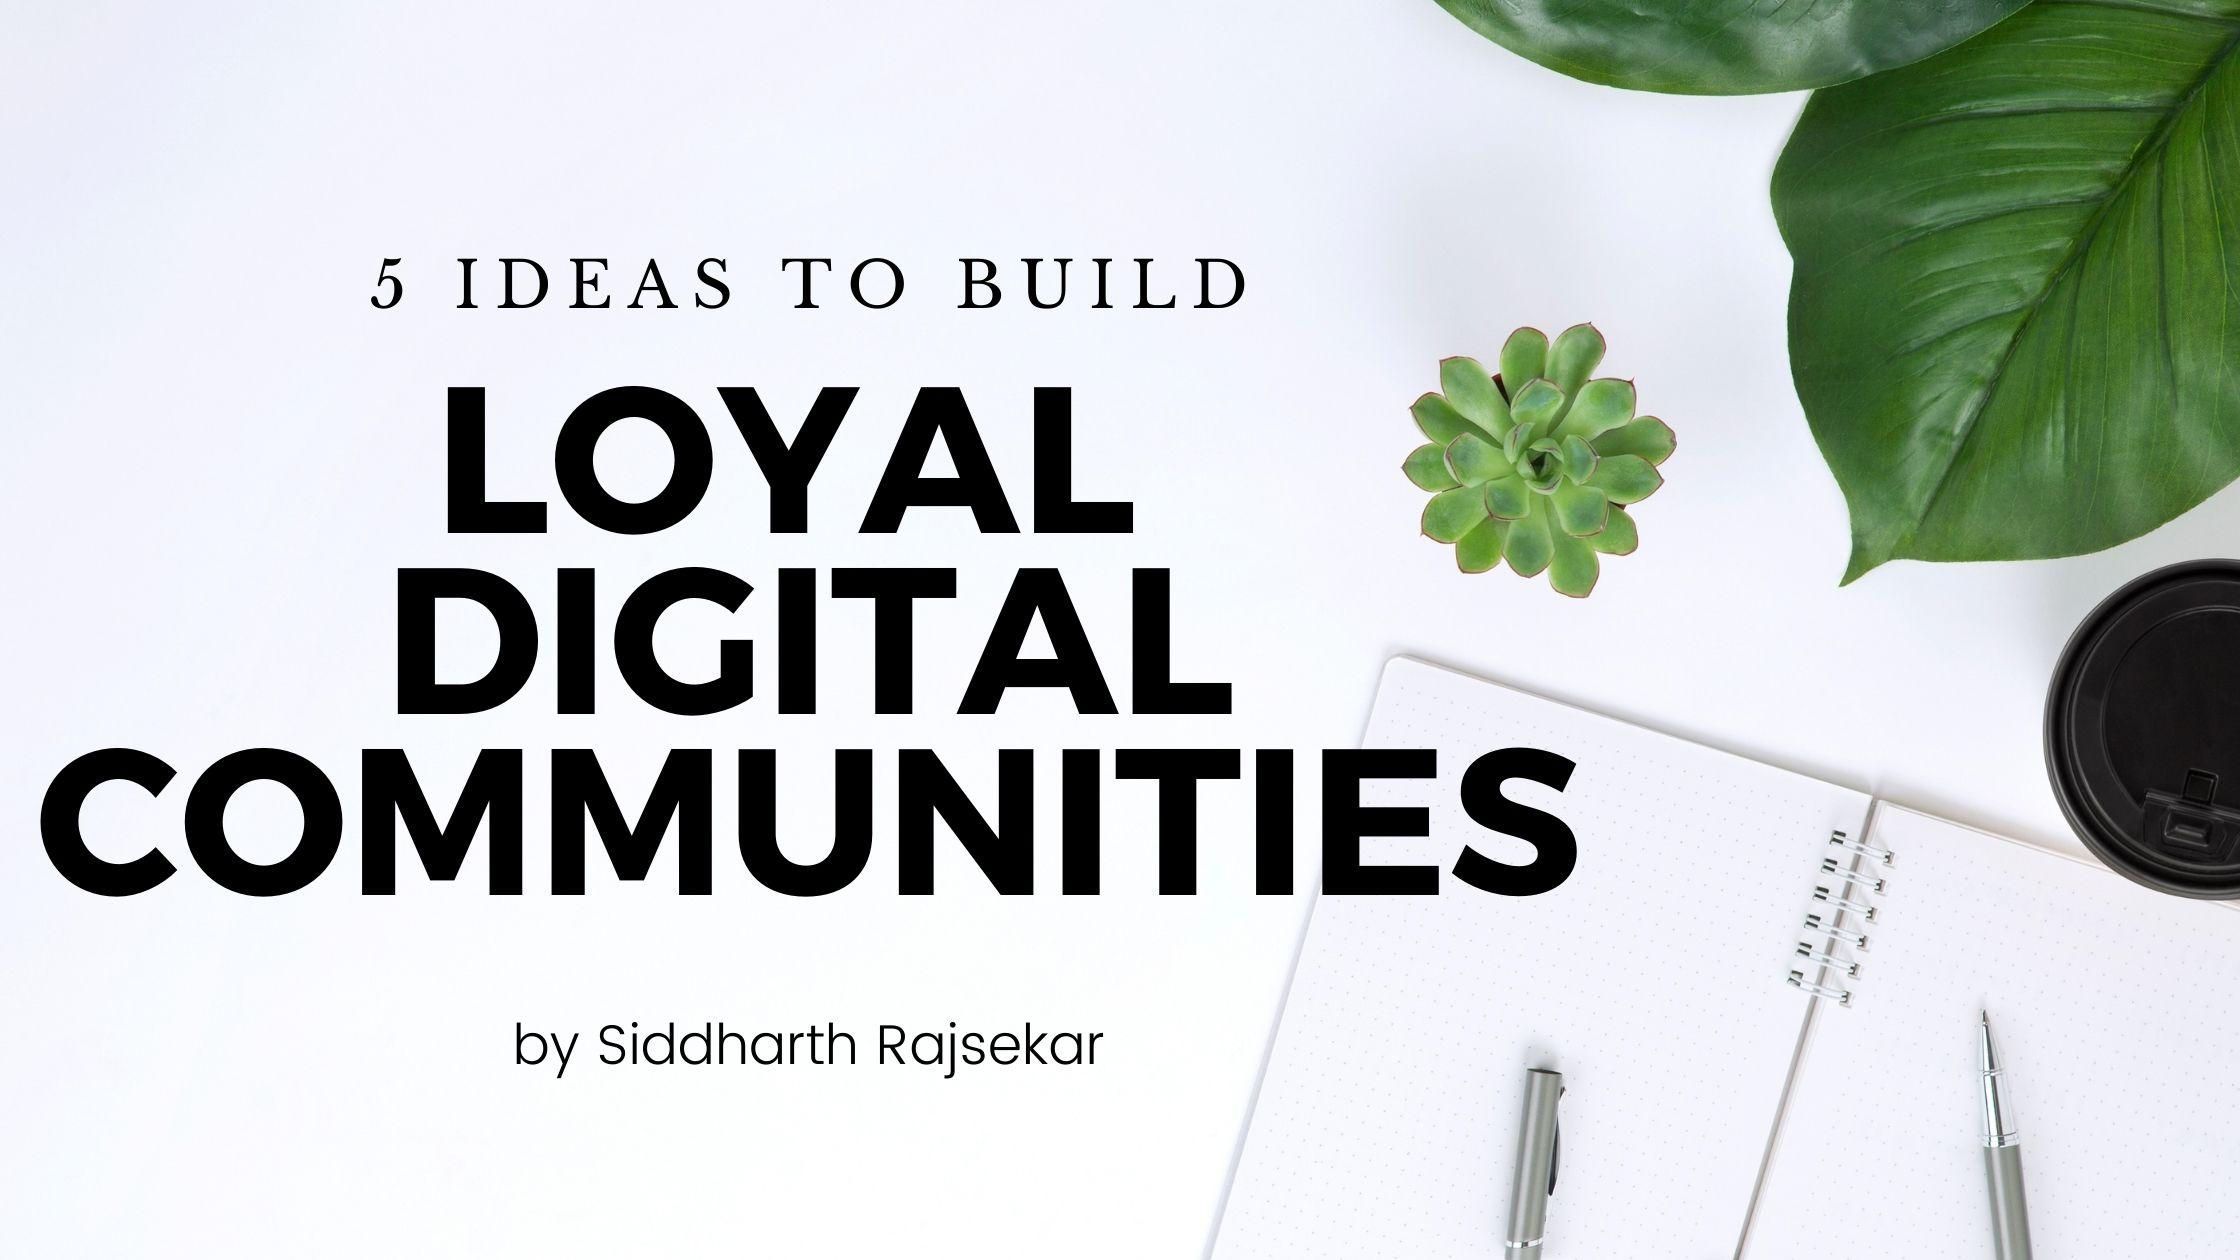 loyal digital comunities